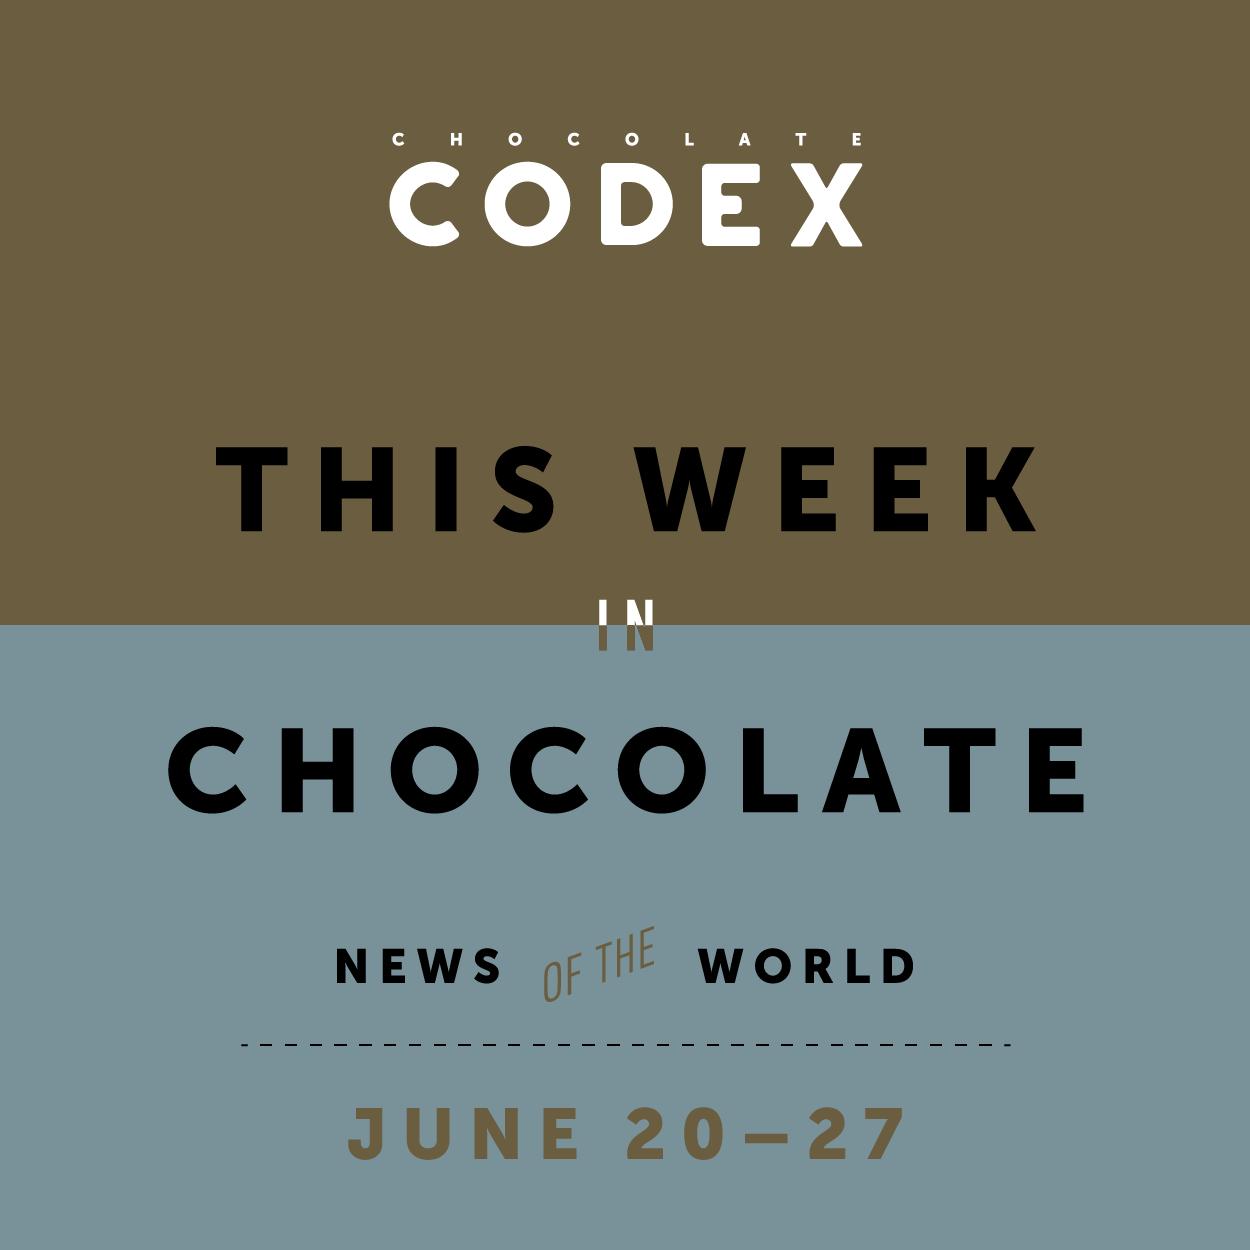 Chocolate_Codex_This_Week_in_Chocolate_Week_26